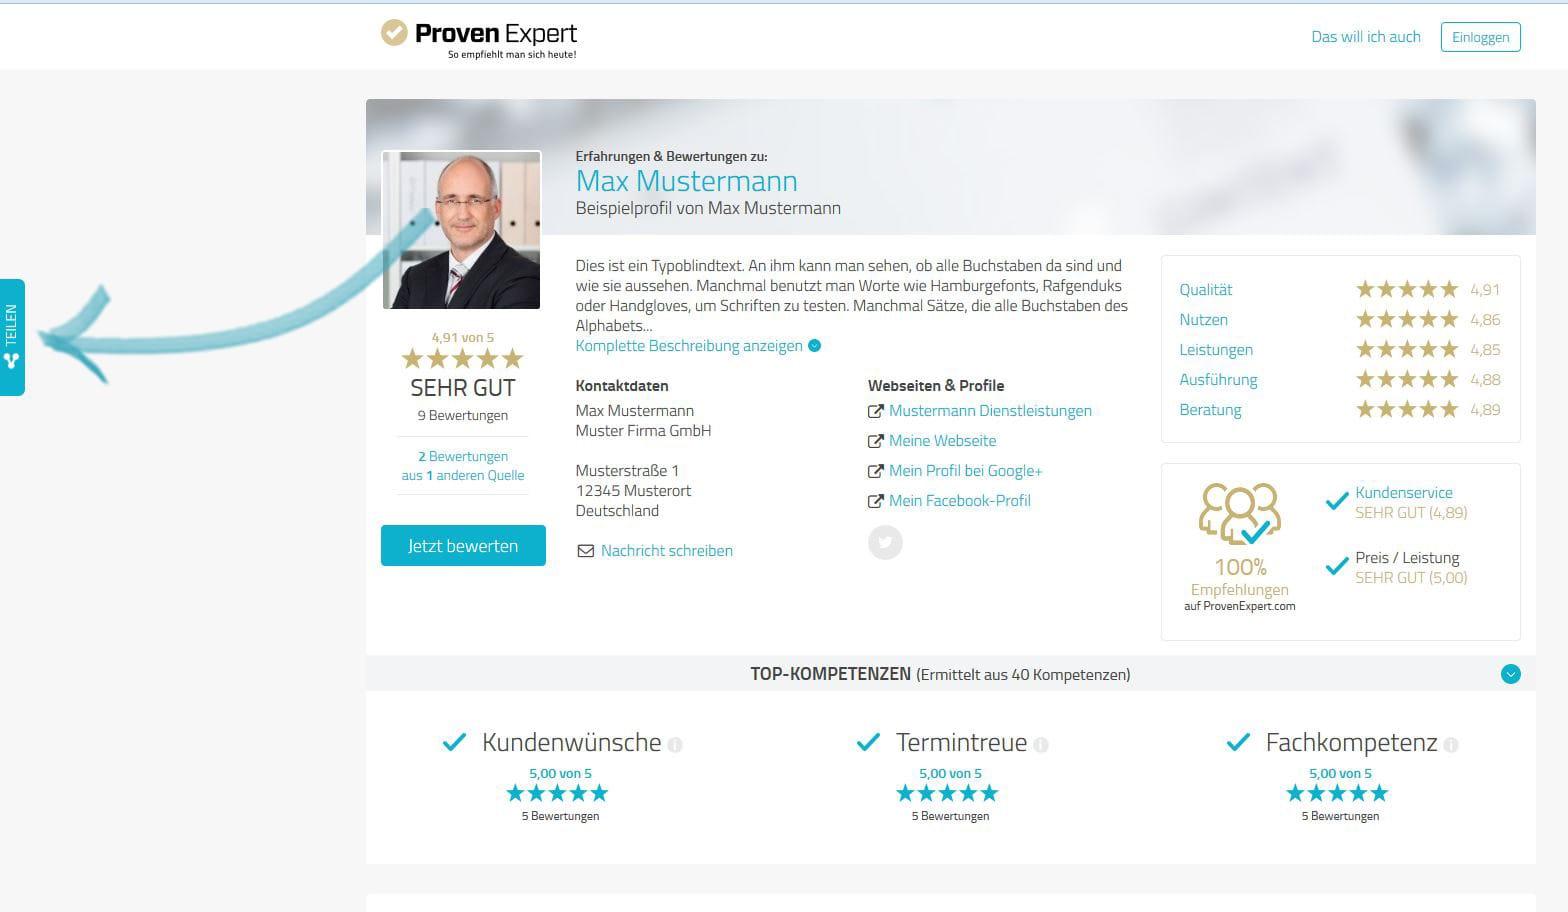 Bewertungsprofil und Kundenfeedback teilen